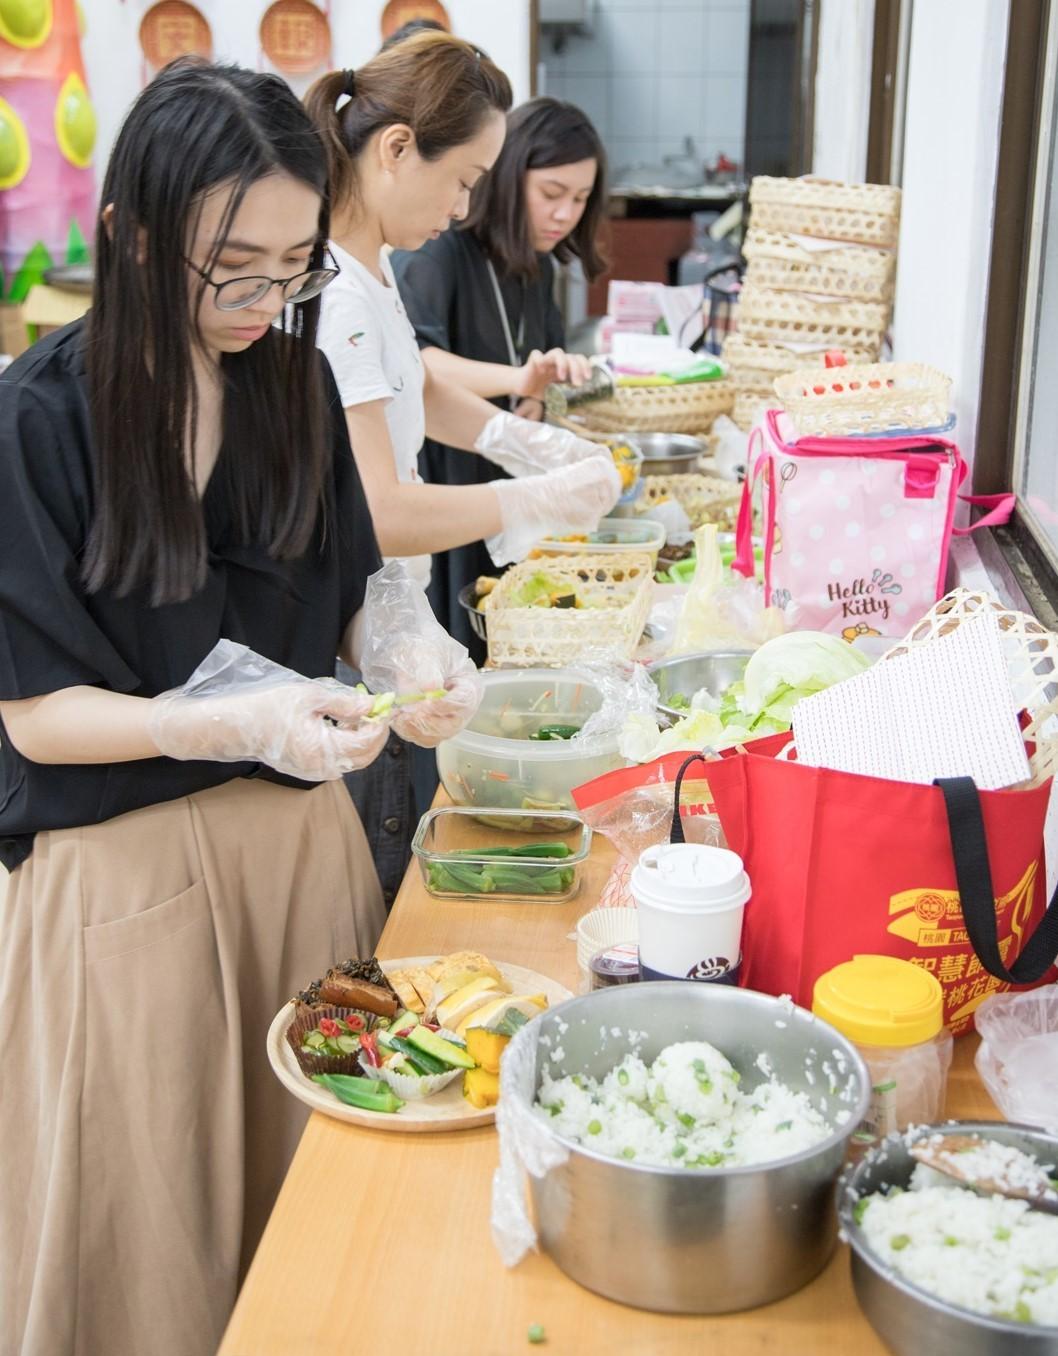 學生將所有料理進行再製與擺盤.jpg